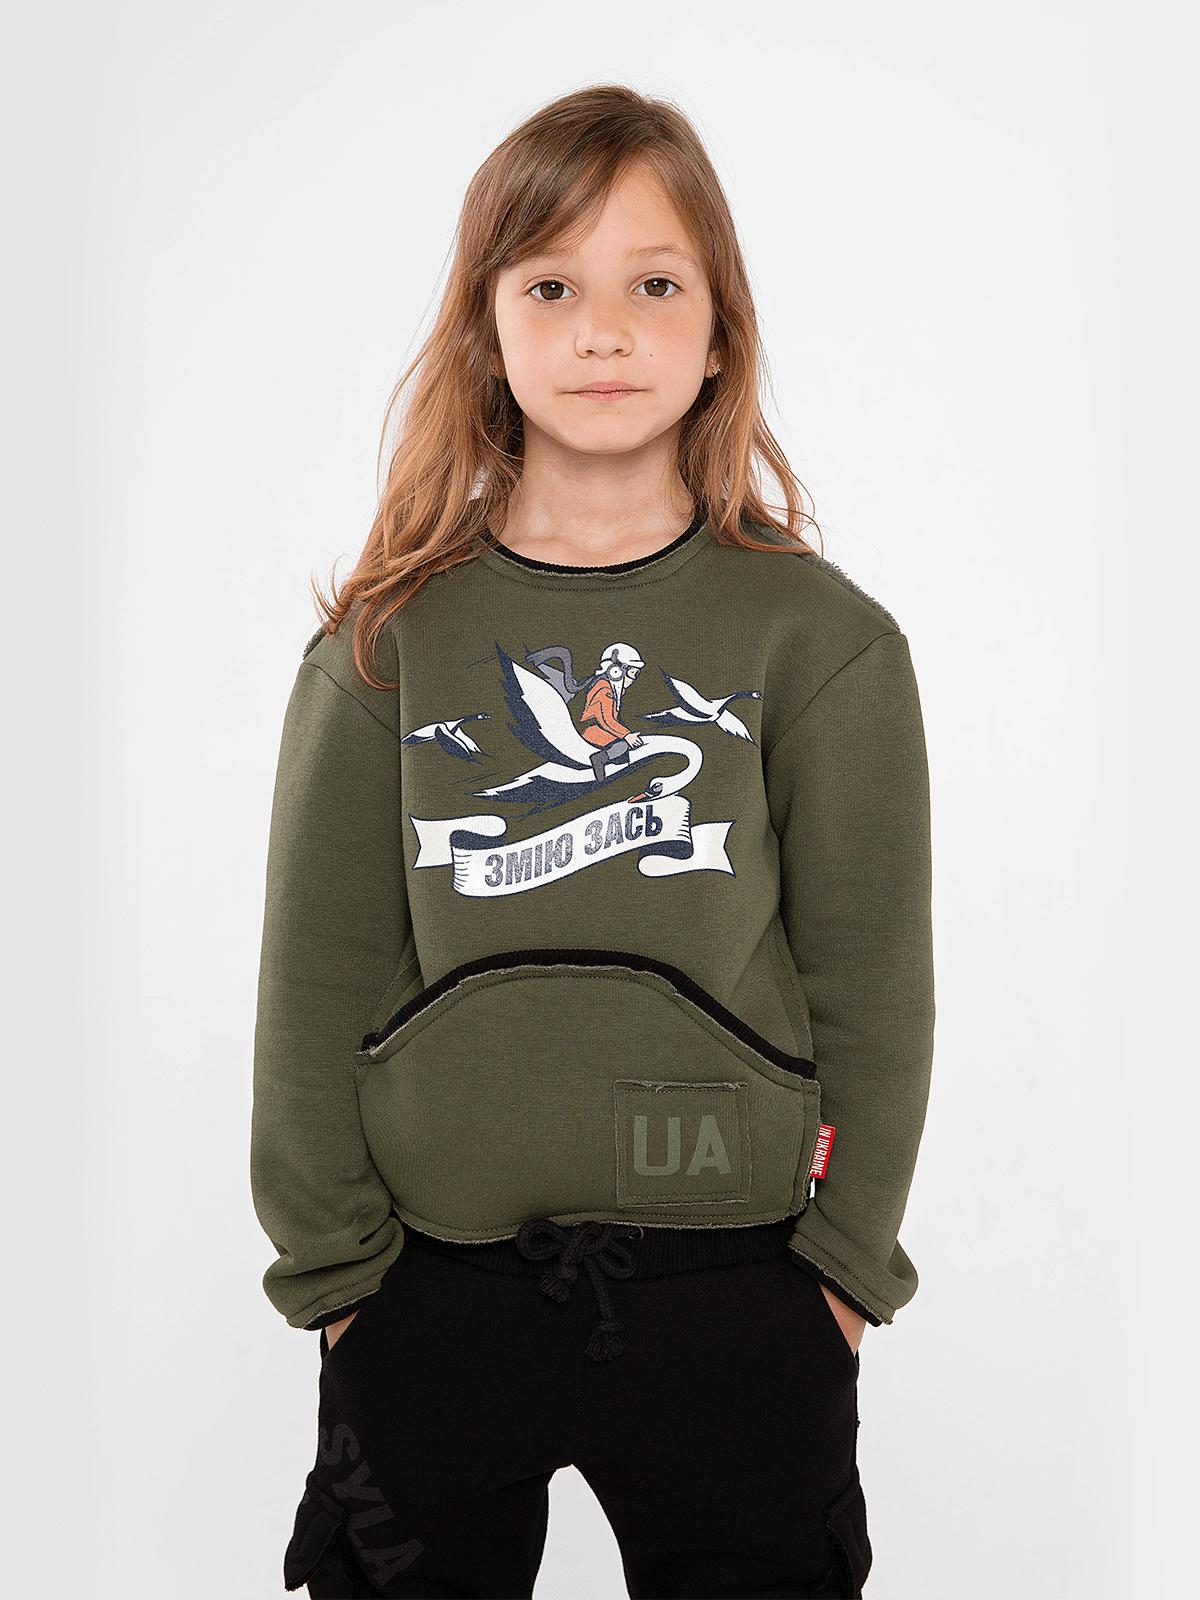 Дитячий Світшот Змію Зась. Колір хакі.  Технологія нанесення зображень: шовкодрук.